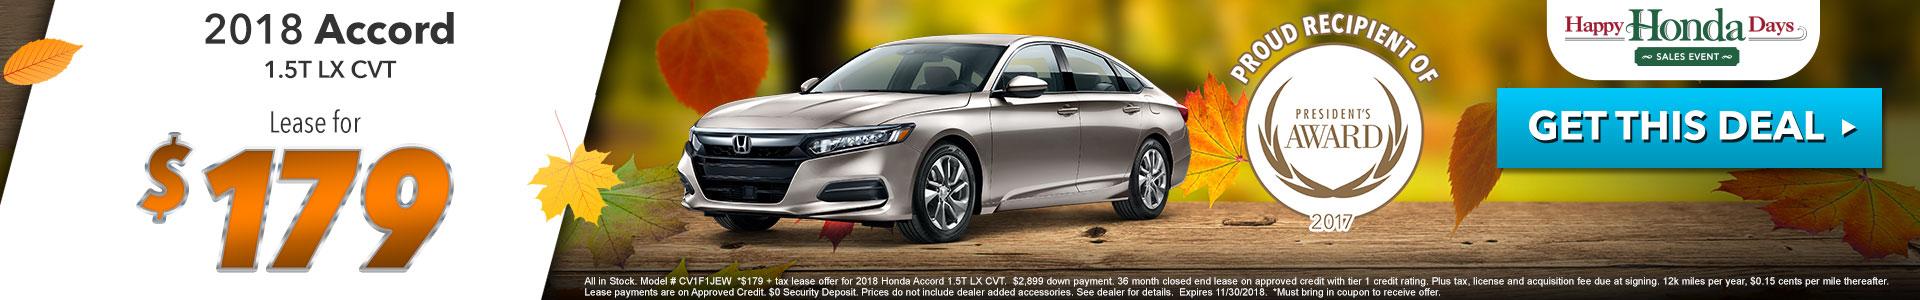 Honda Accord $179 Lease